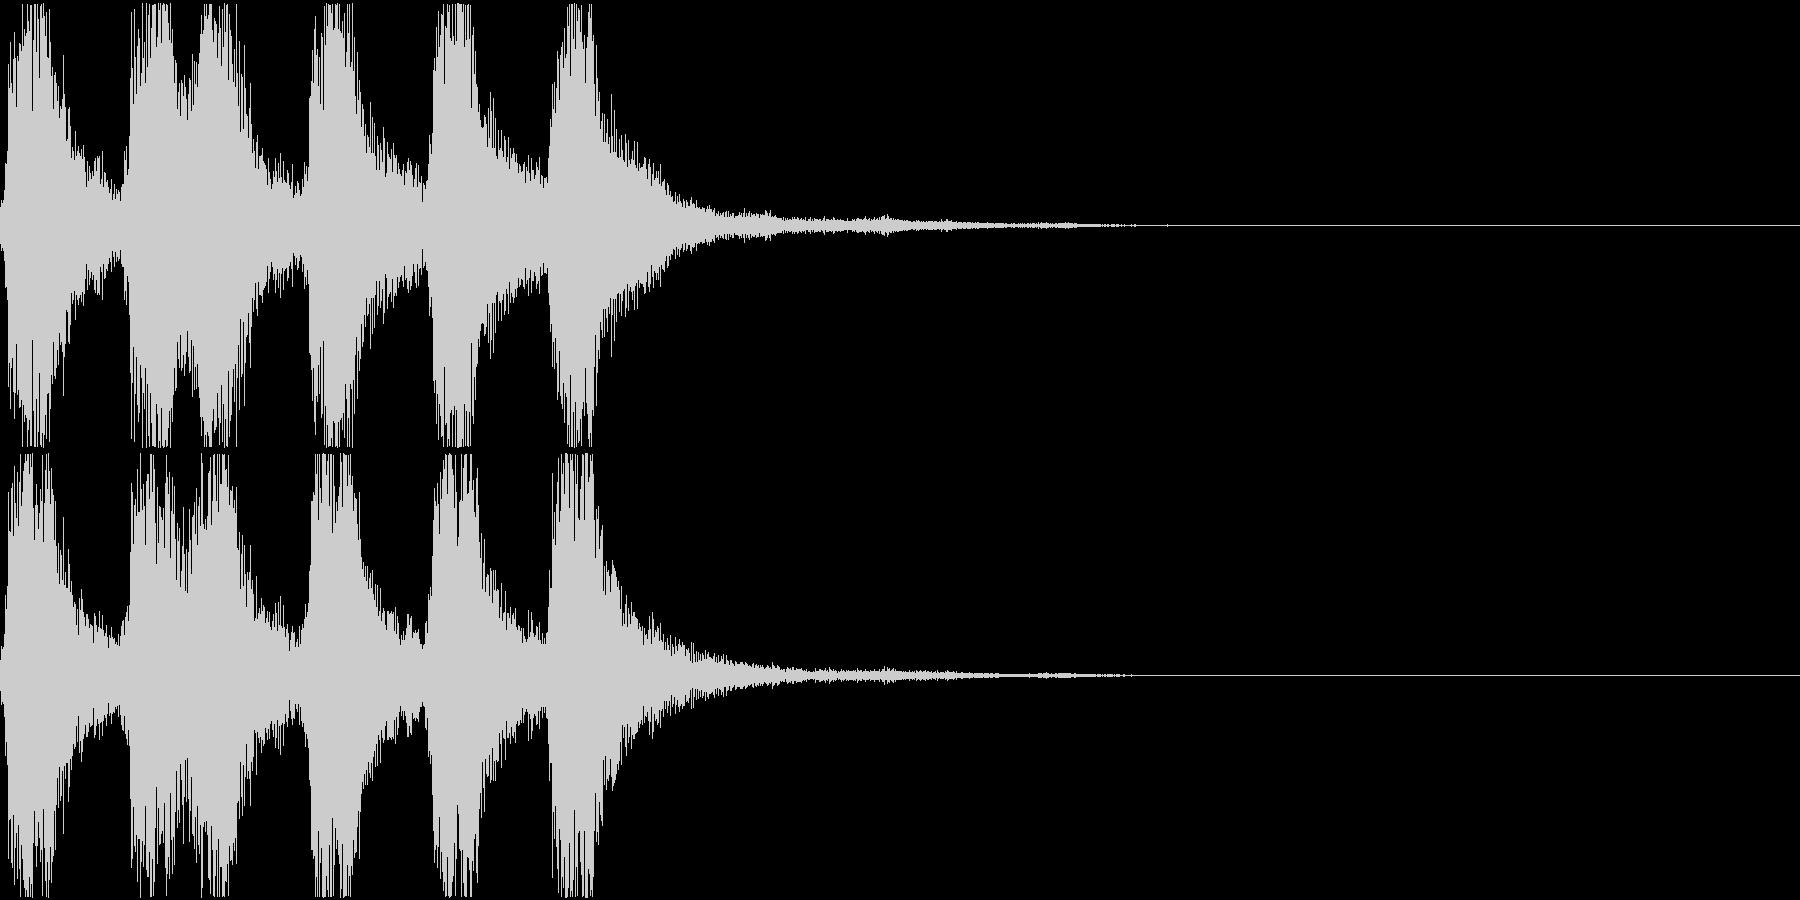 ラッパ ファンファーレ 定番 16の未再生の波形